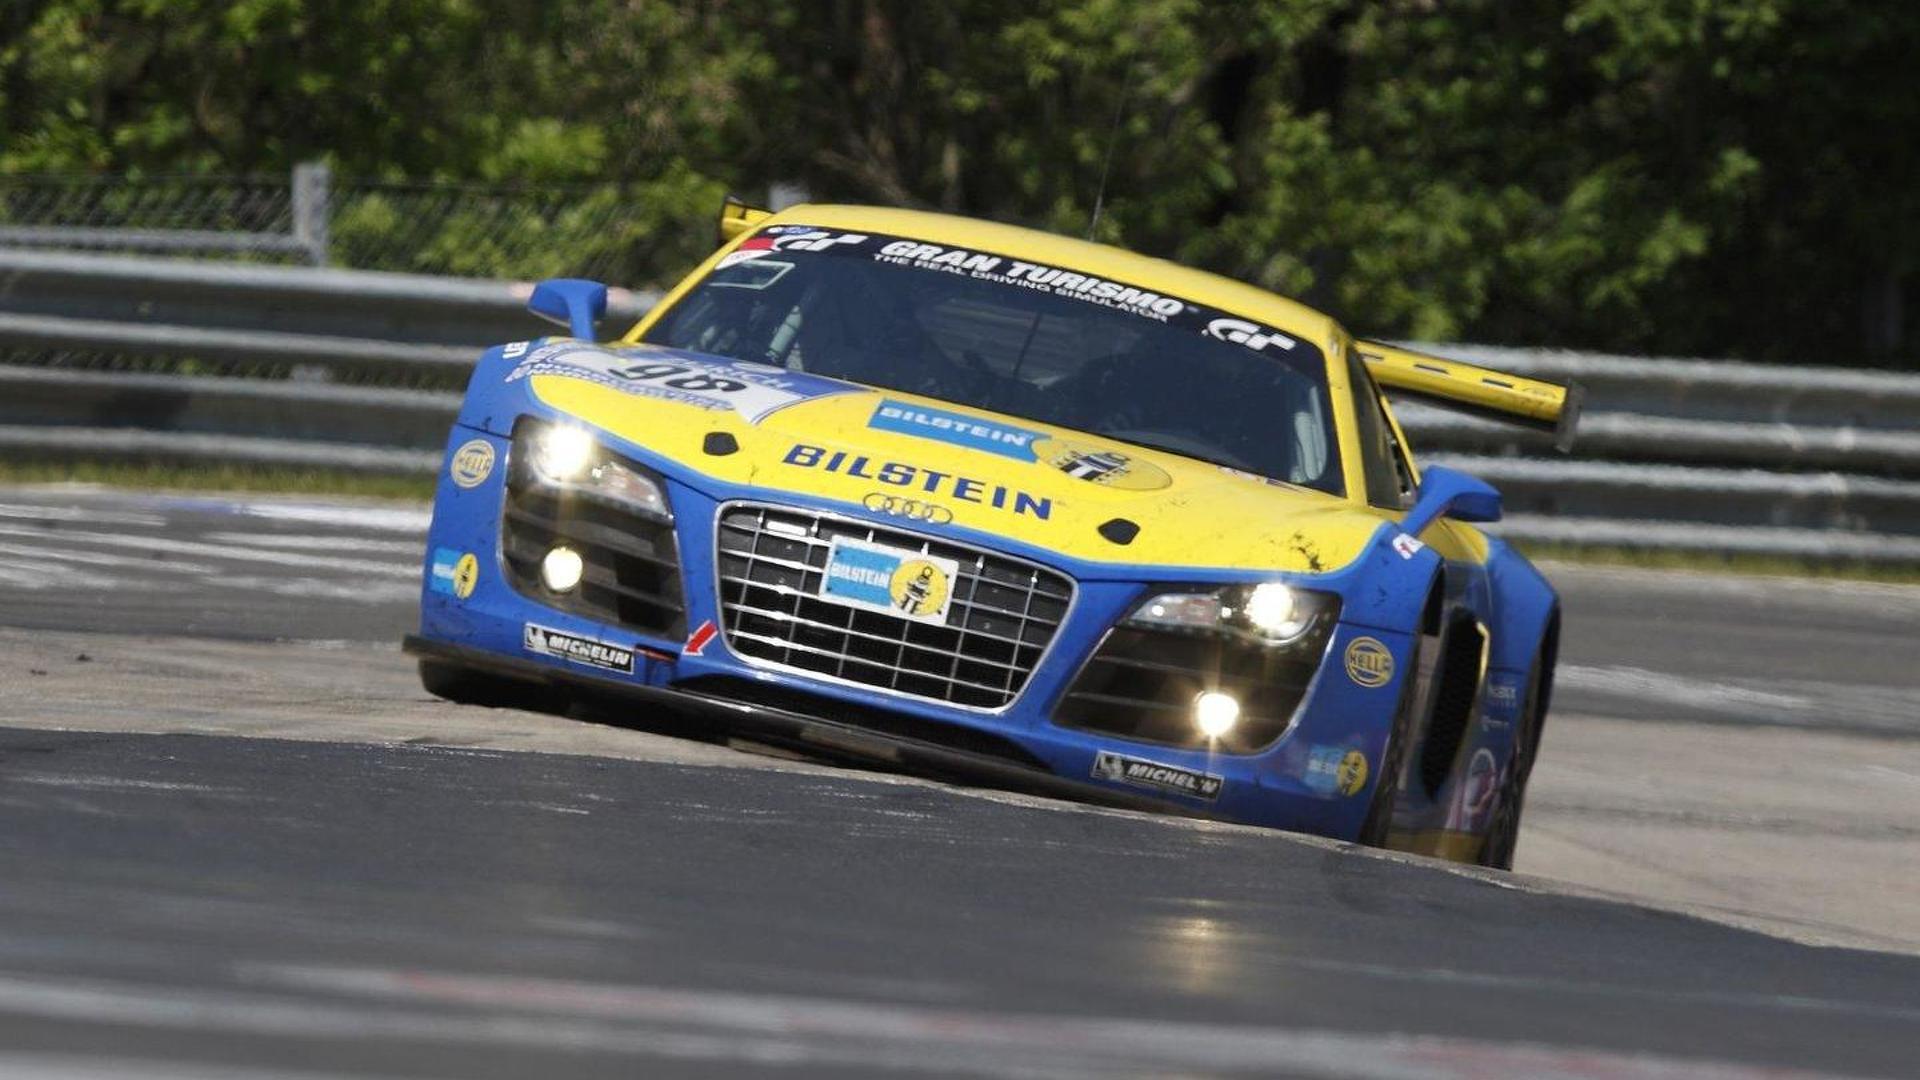 Suspension tuner Bilstein brings its goods to the Essen Motor Show